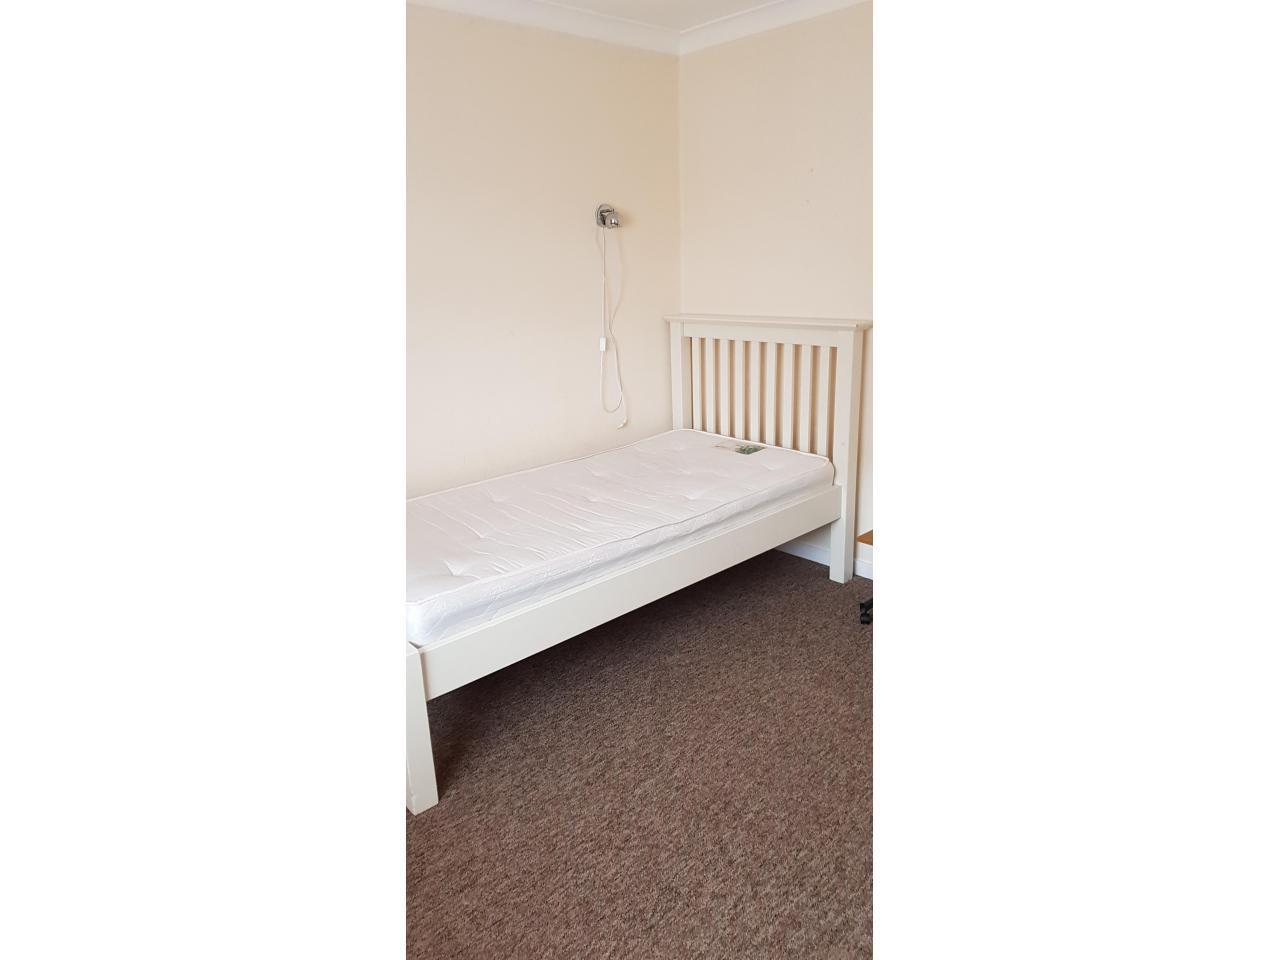 Сдаю комнату £400/m (double room) Hatfield - 3